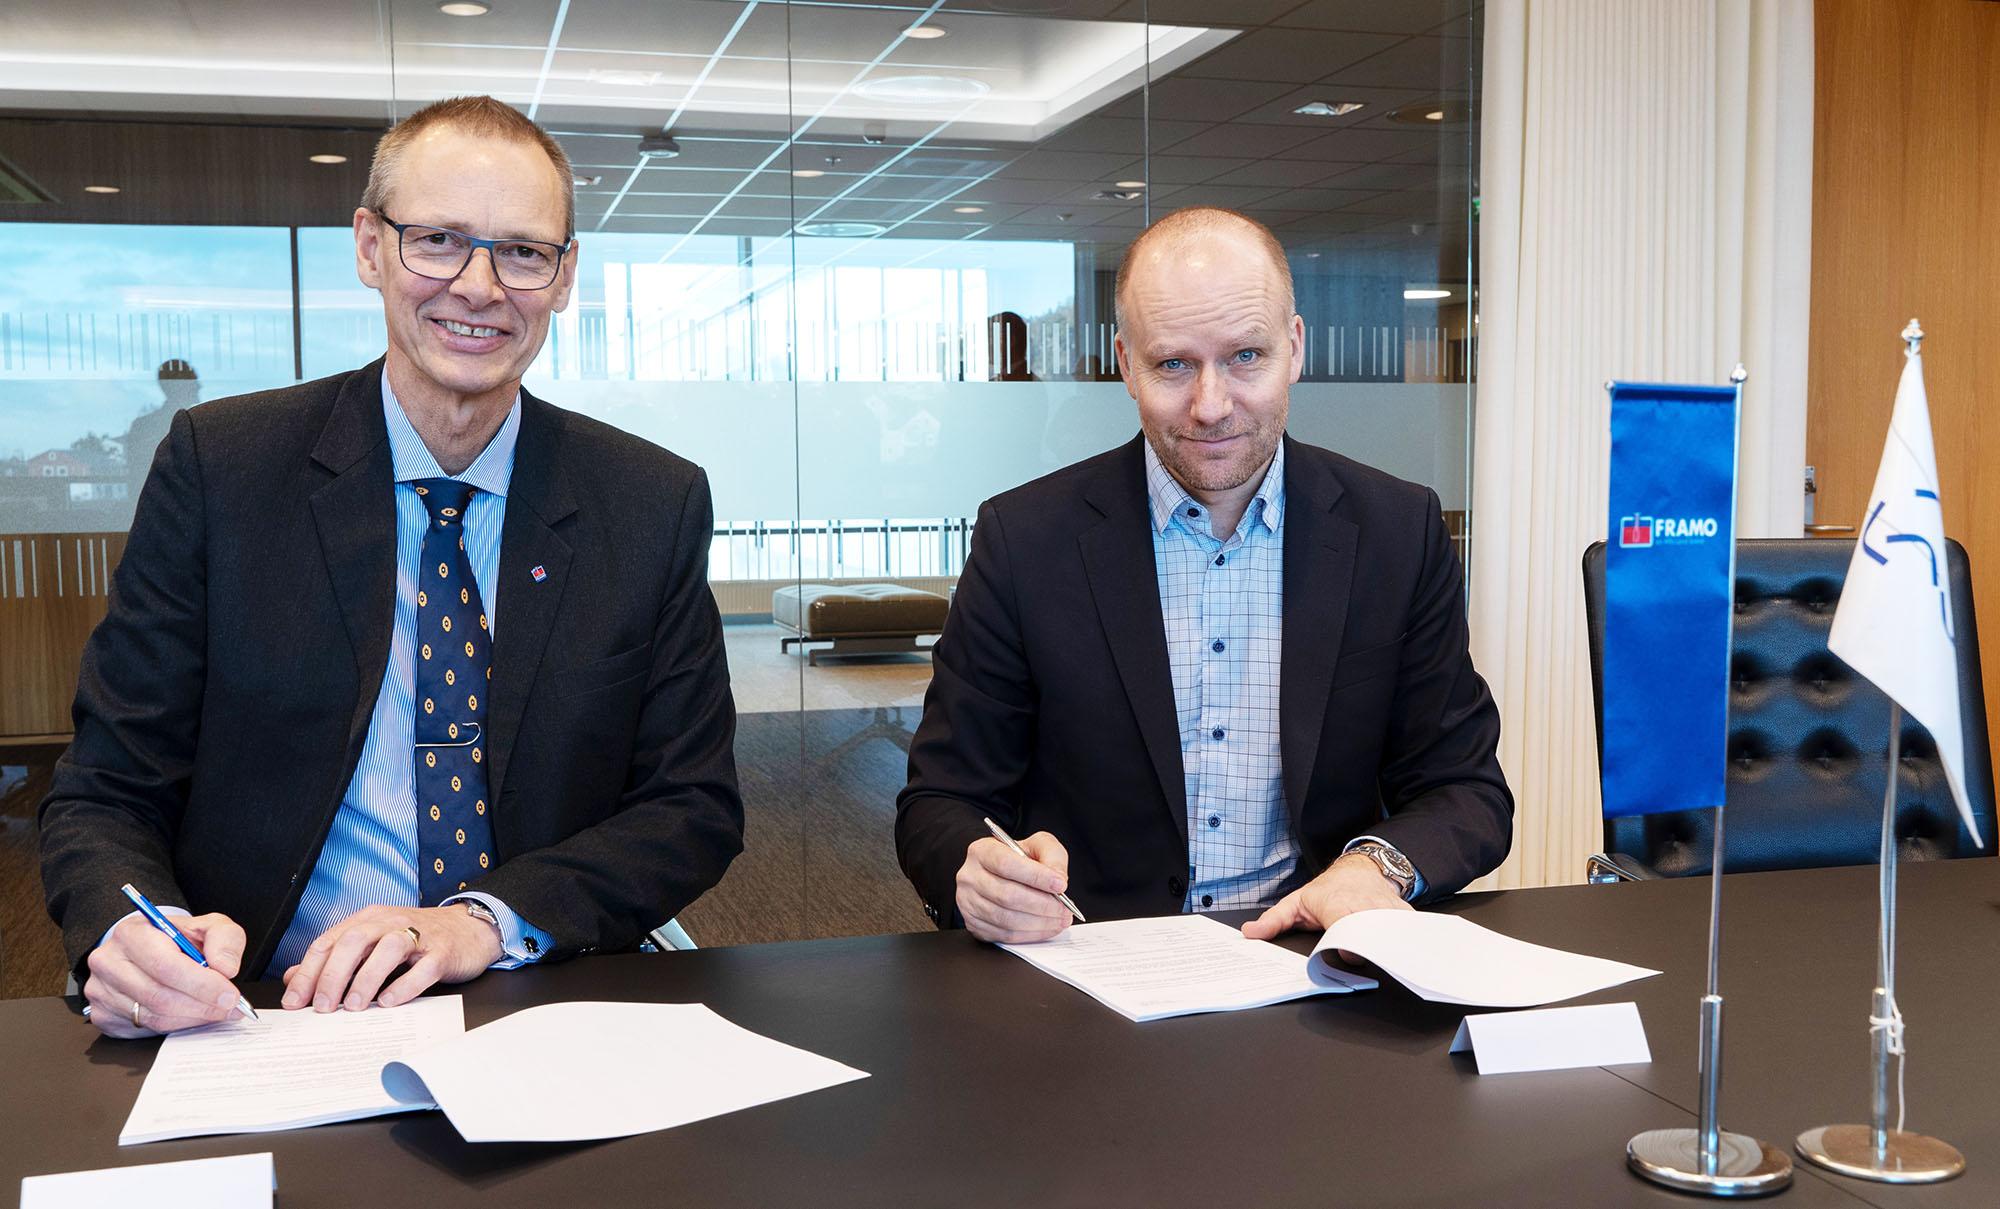 Trond Petter Abrahamsen, Direktør i Framo Services og Kjetel Digre, direktør for drift og feltutvikling i Aker BP. Foto: Lars Petter Larsen/Framo